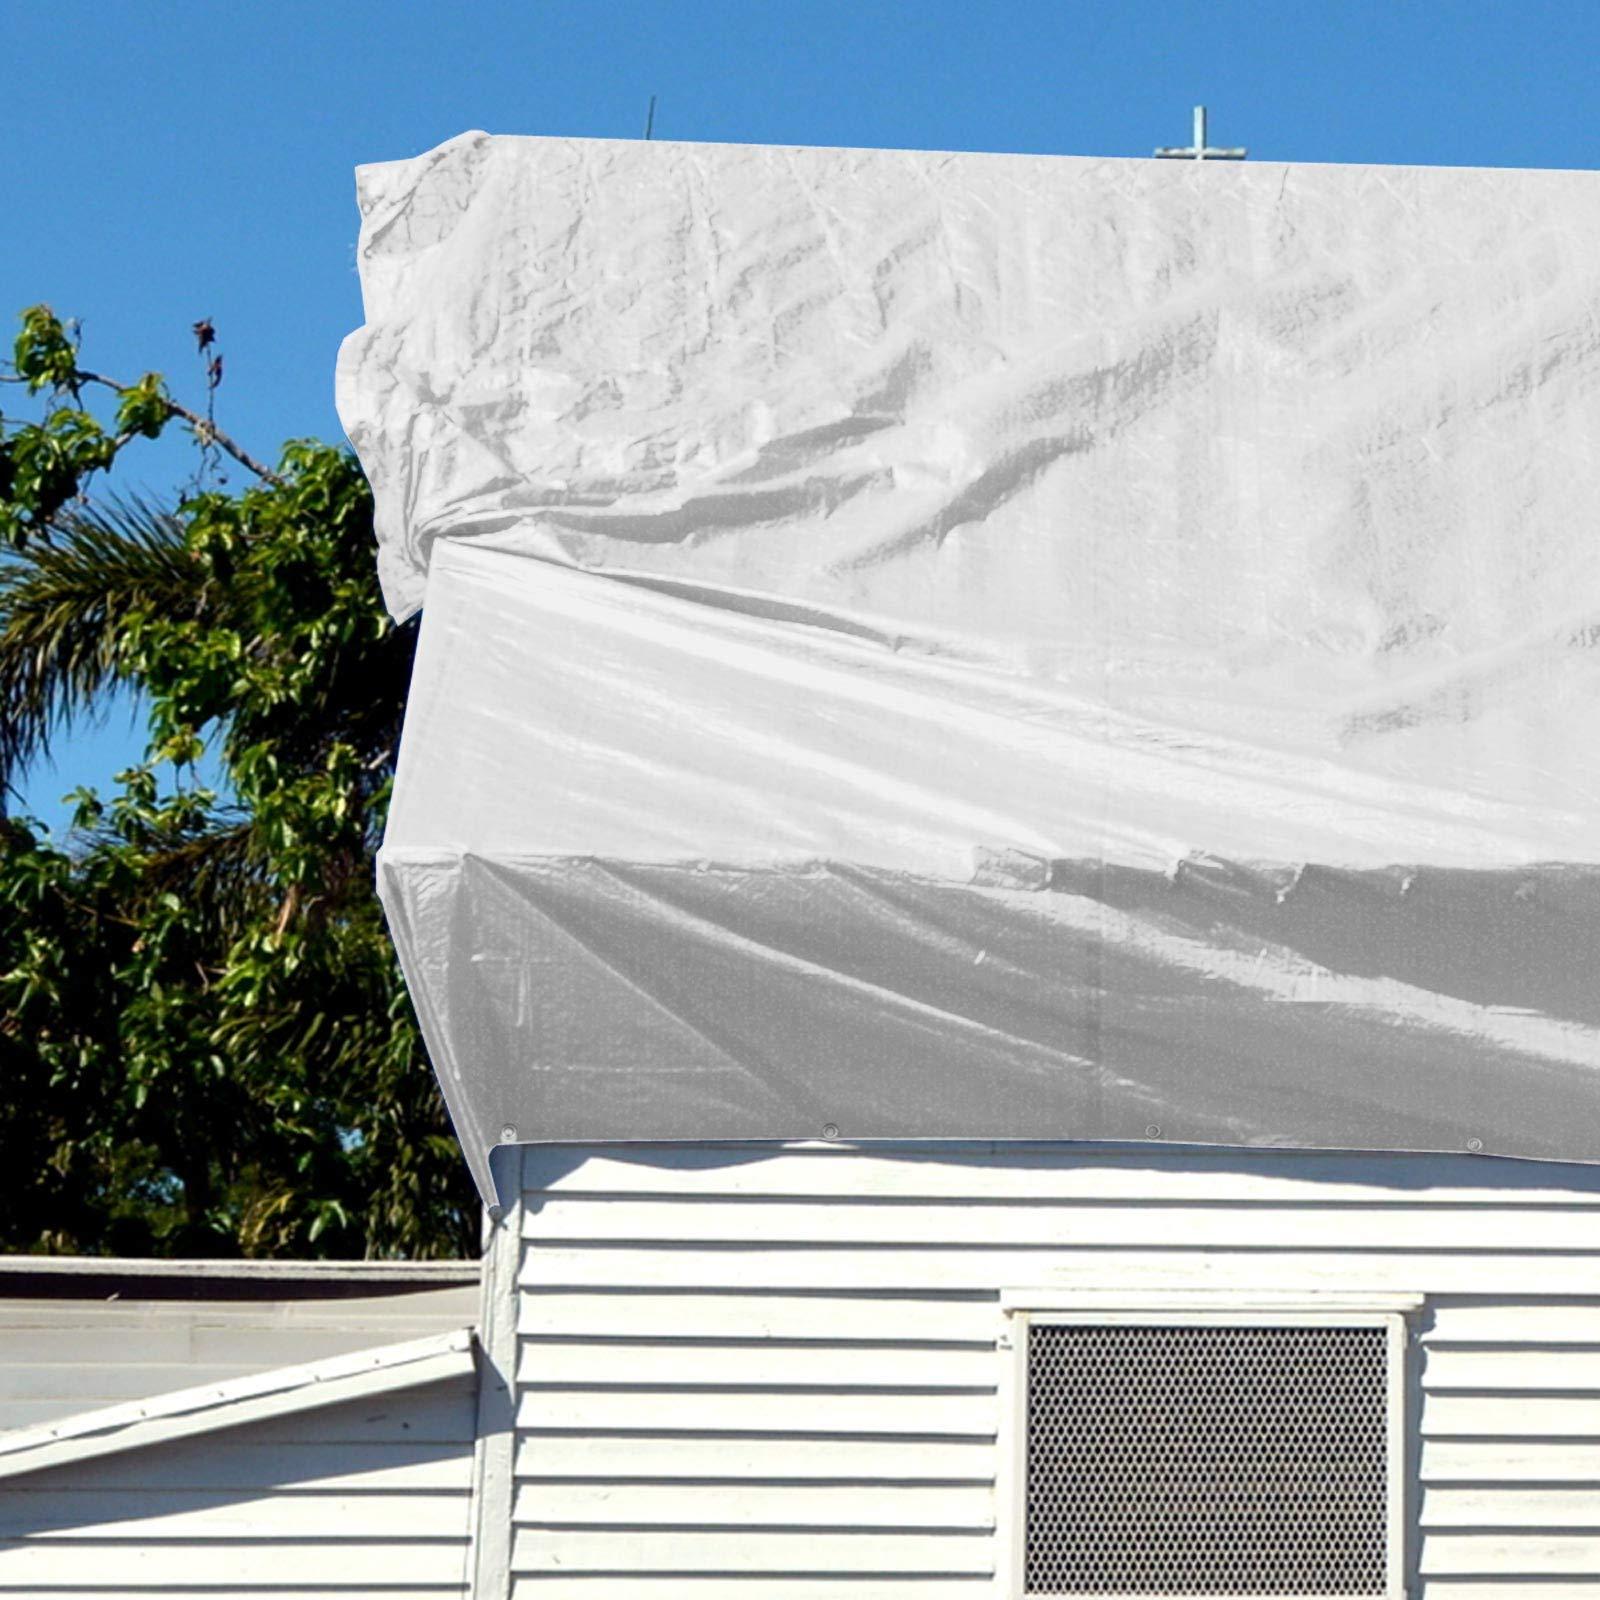 casa pura Toldo Reforzado Impermeable 6x10 - Rafia Exterior | Toldo con ojales | Extremadamente resistente | 240g/m² | Muchos colores y tamaños (Blanca): Amazon.es: Bricolaje y herramientas